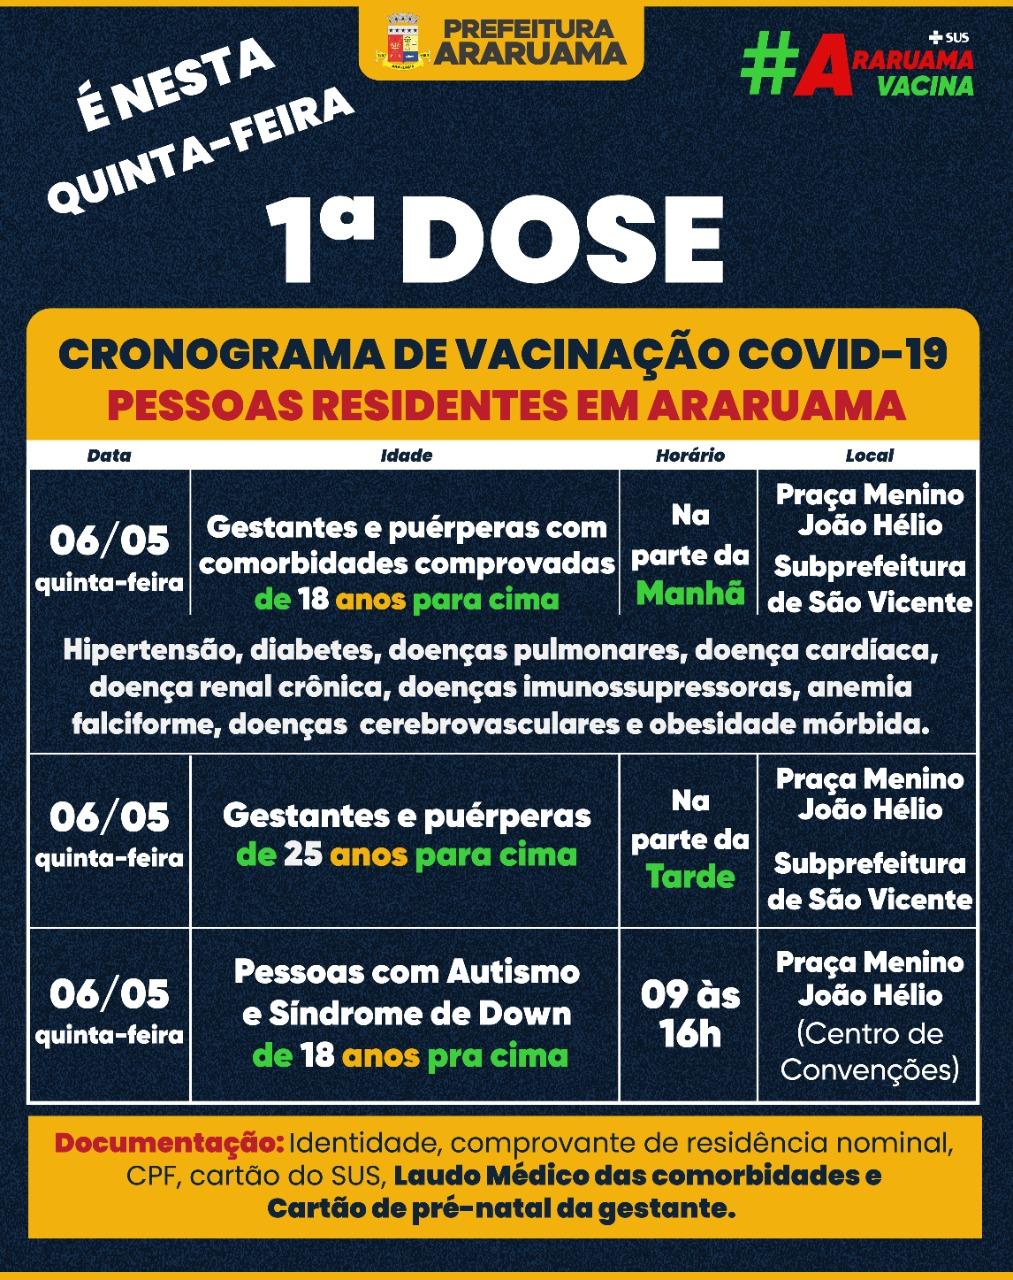 Calendário de vacinação para essa quinta-feira, 06